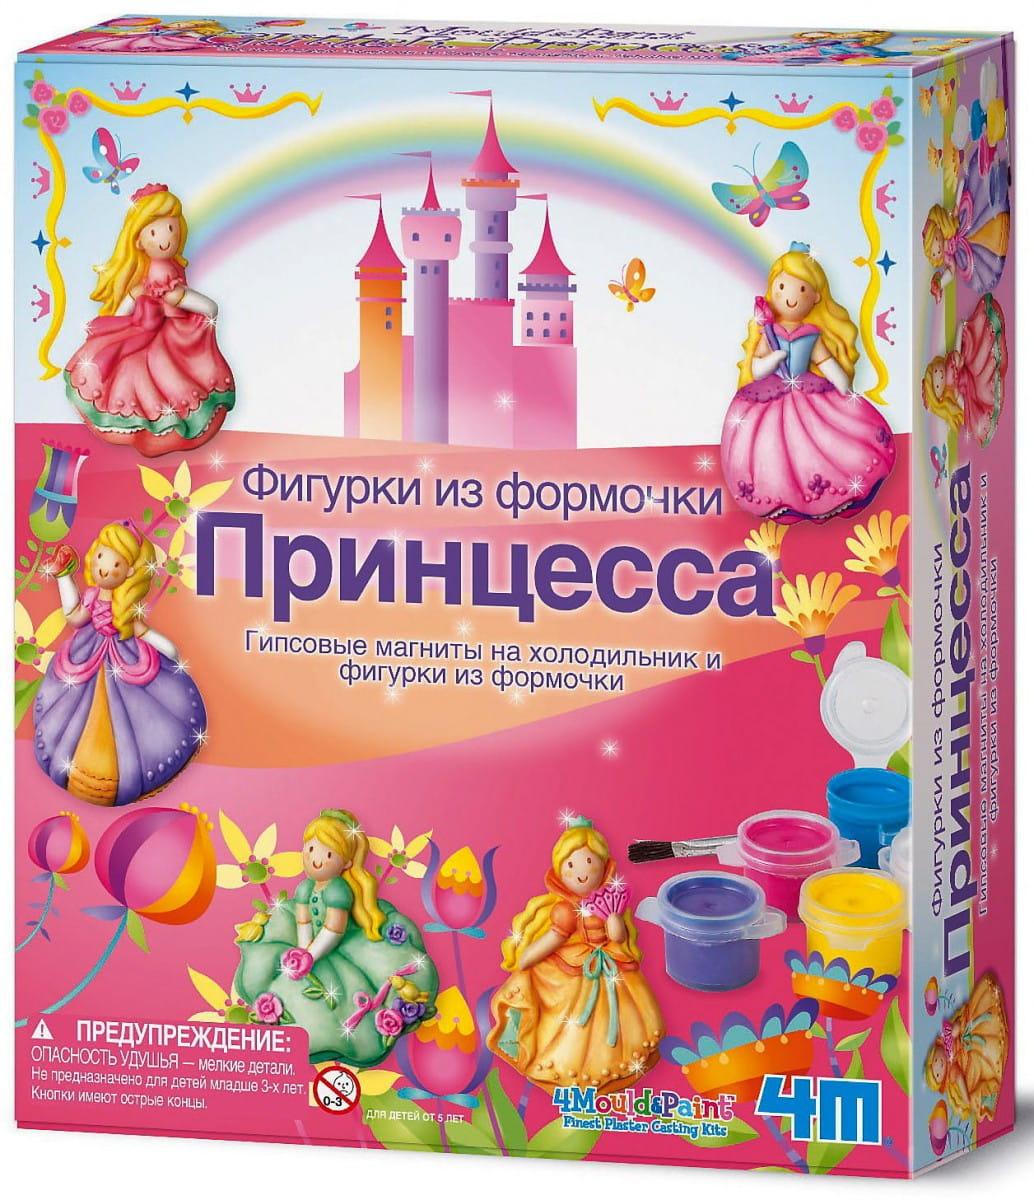 Набор для творчества 4M Фигурки из формочки - Принцесса